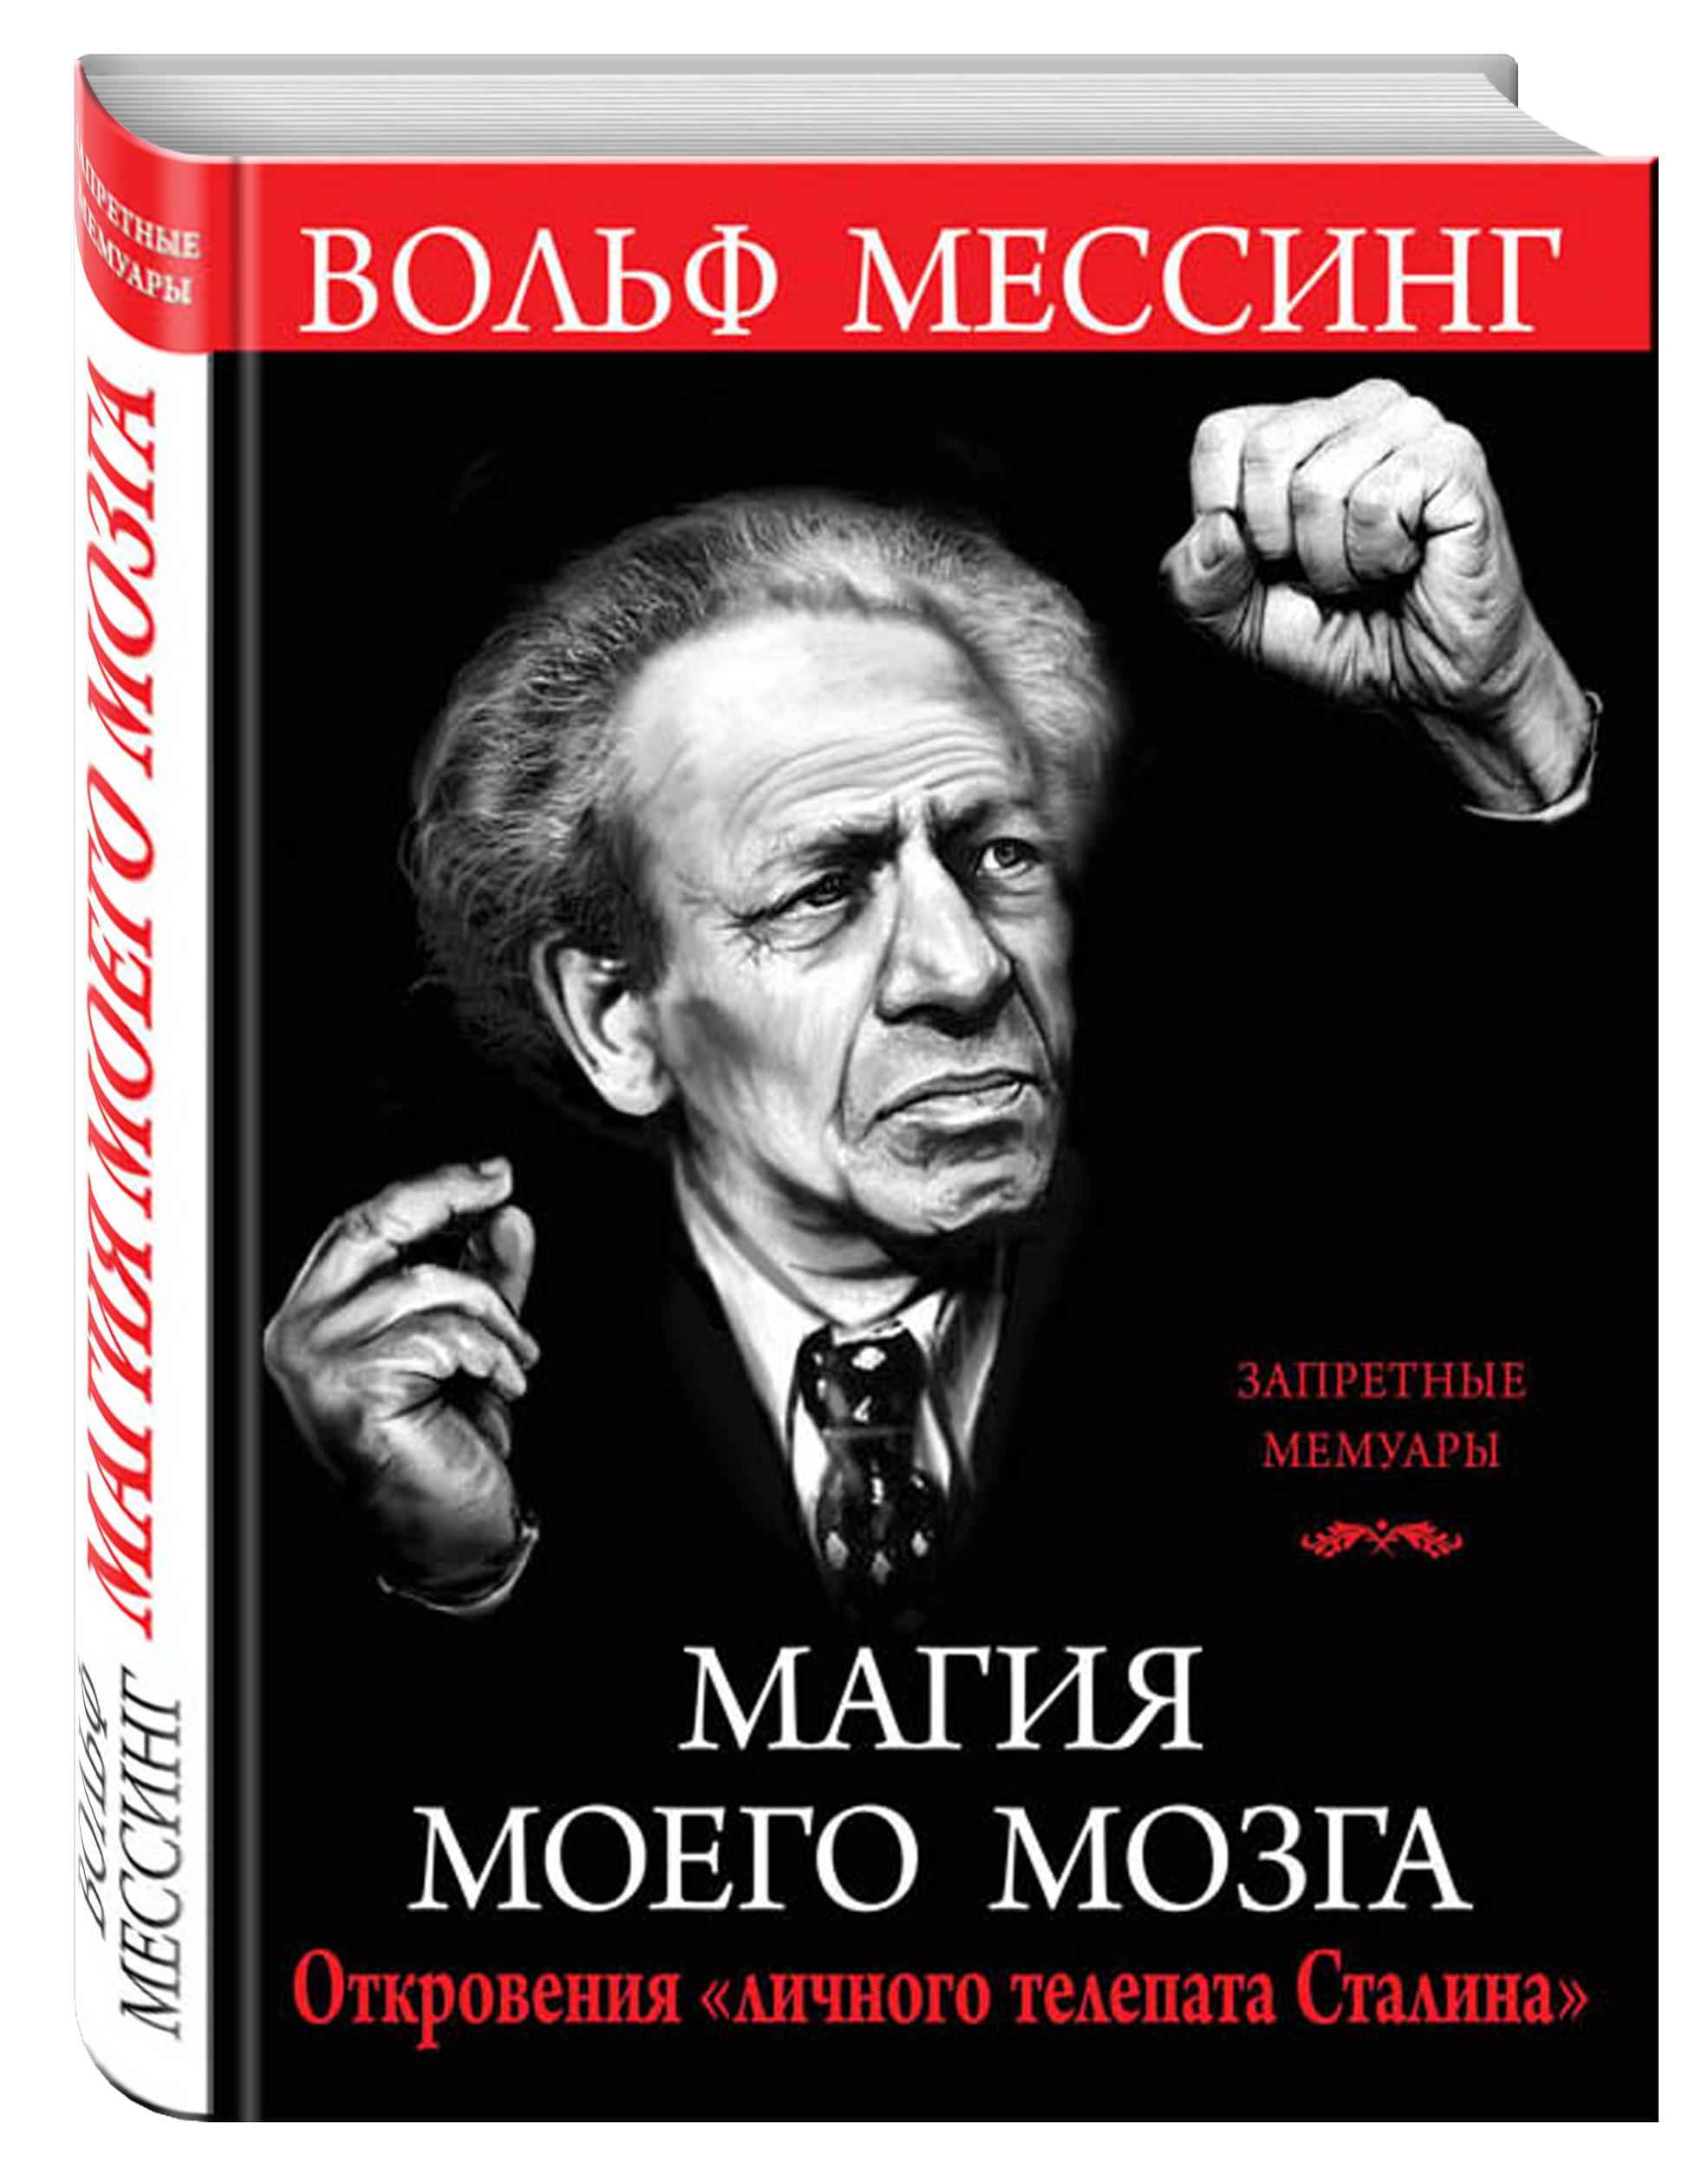 Вольф Мессинг Магия моего мозга. Откровения «личного телепата Сталина» мессинг вольф я пророк без отечества личный дневник телепата сталина